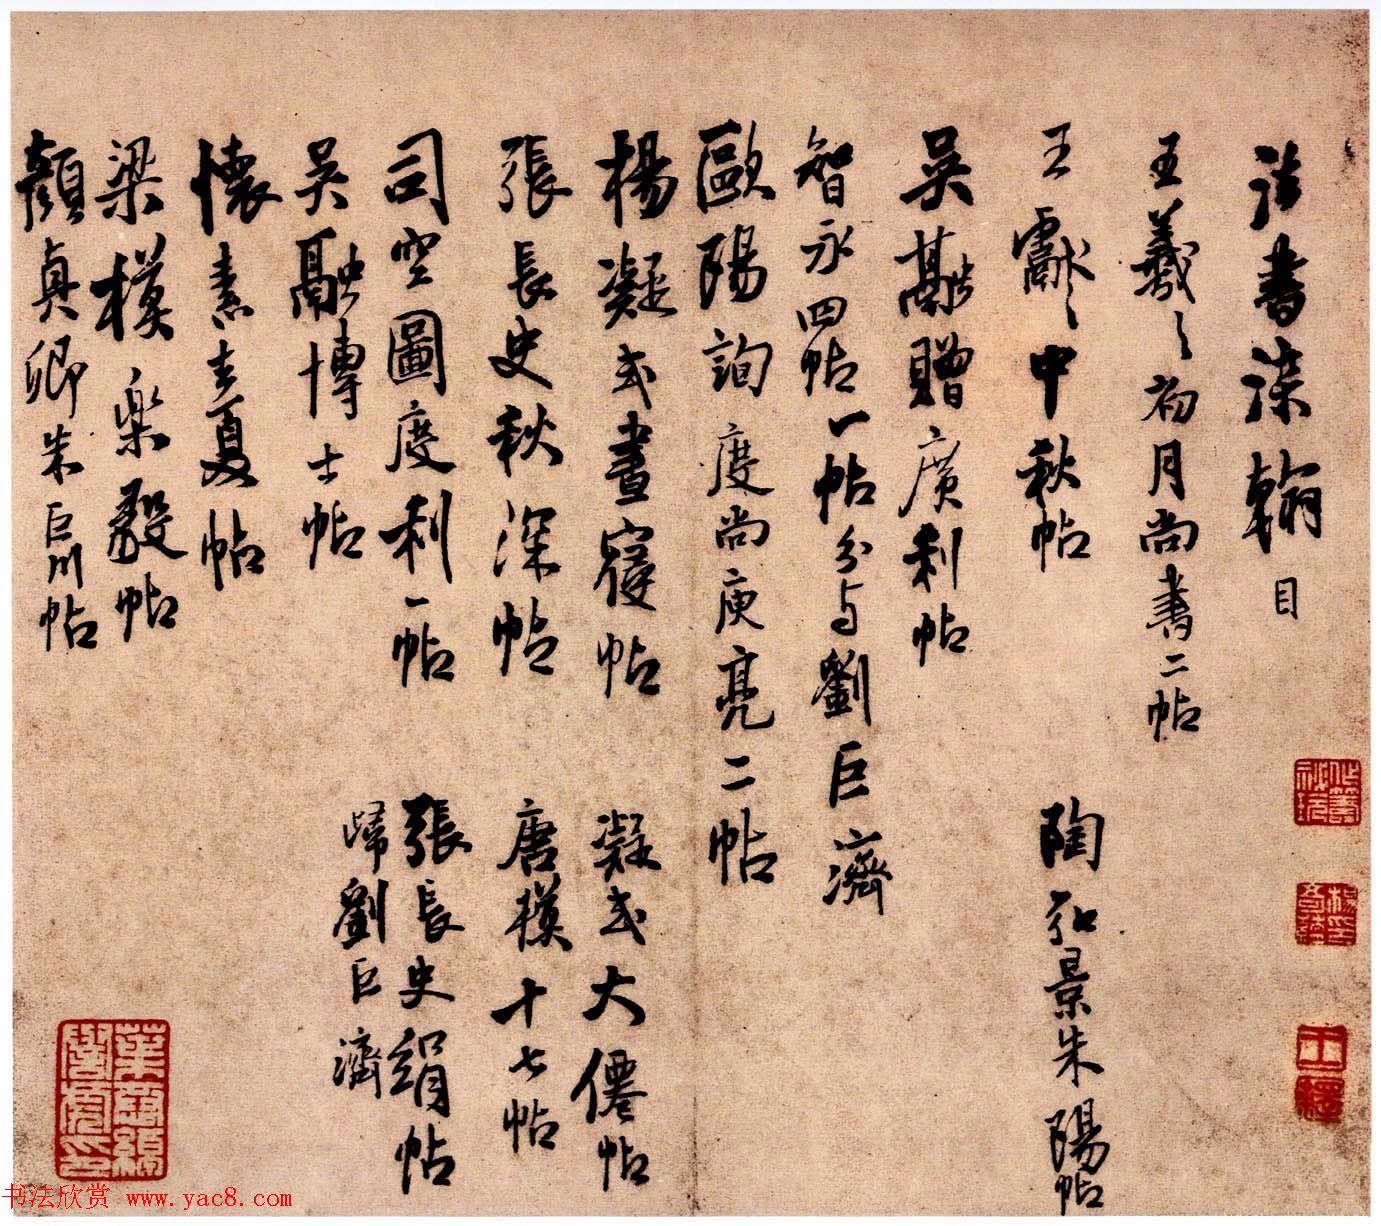 王铎行书册页作品欣赏《琅华馆帖》